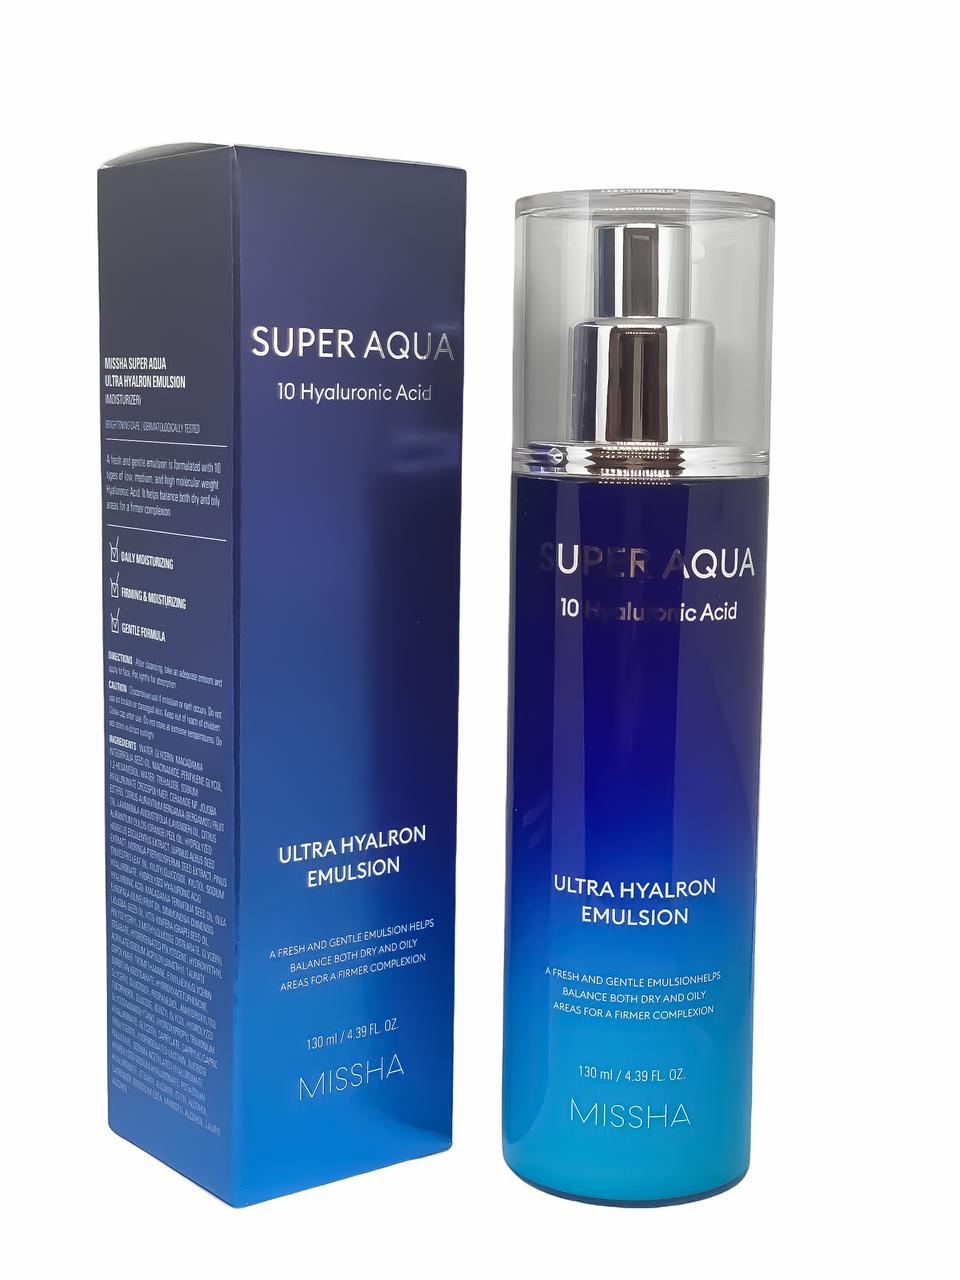 Эмульсия для лица с гиалуроновой кислотой Missha Super Aqua Ultra Hyalron emulsion